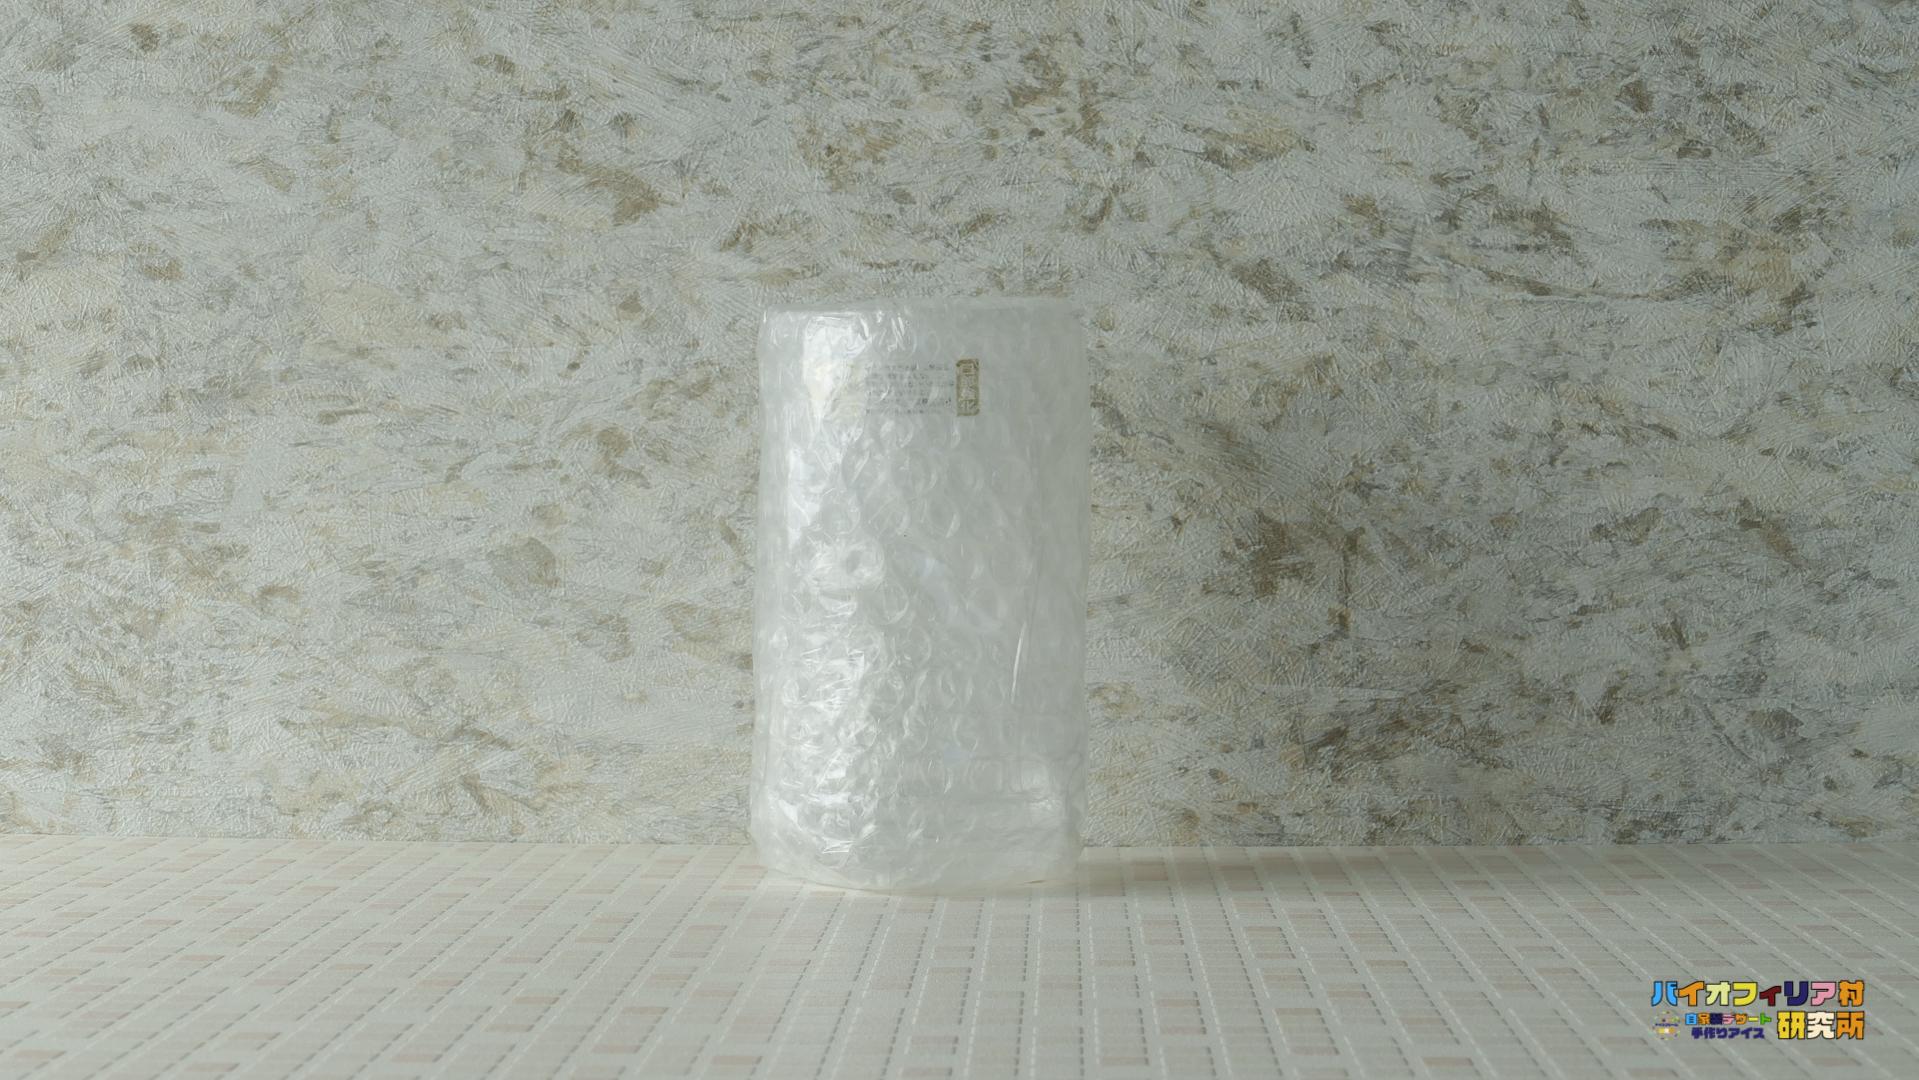 東洋佐々木ガラス ジュースグラス アロマ 325ml 00451HSをアマゾンで購入した時の梱包状態を紹介